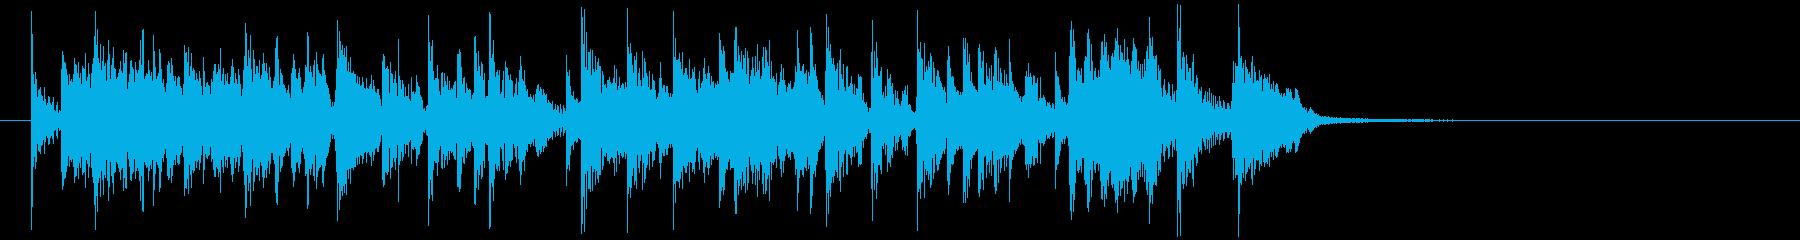 緊張感をあおるクイズ番組考え中ー10秒の再生済みの波形